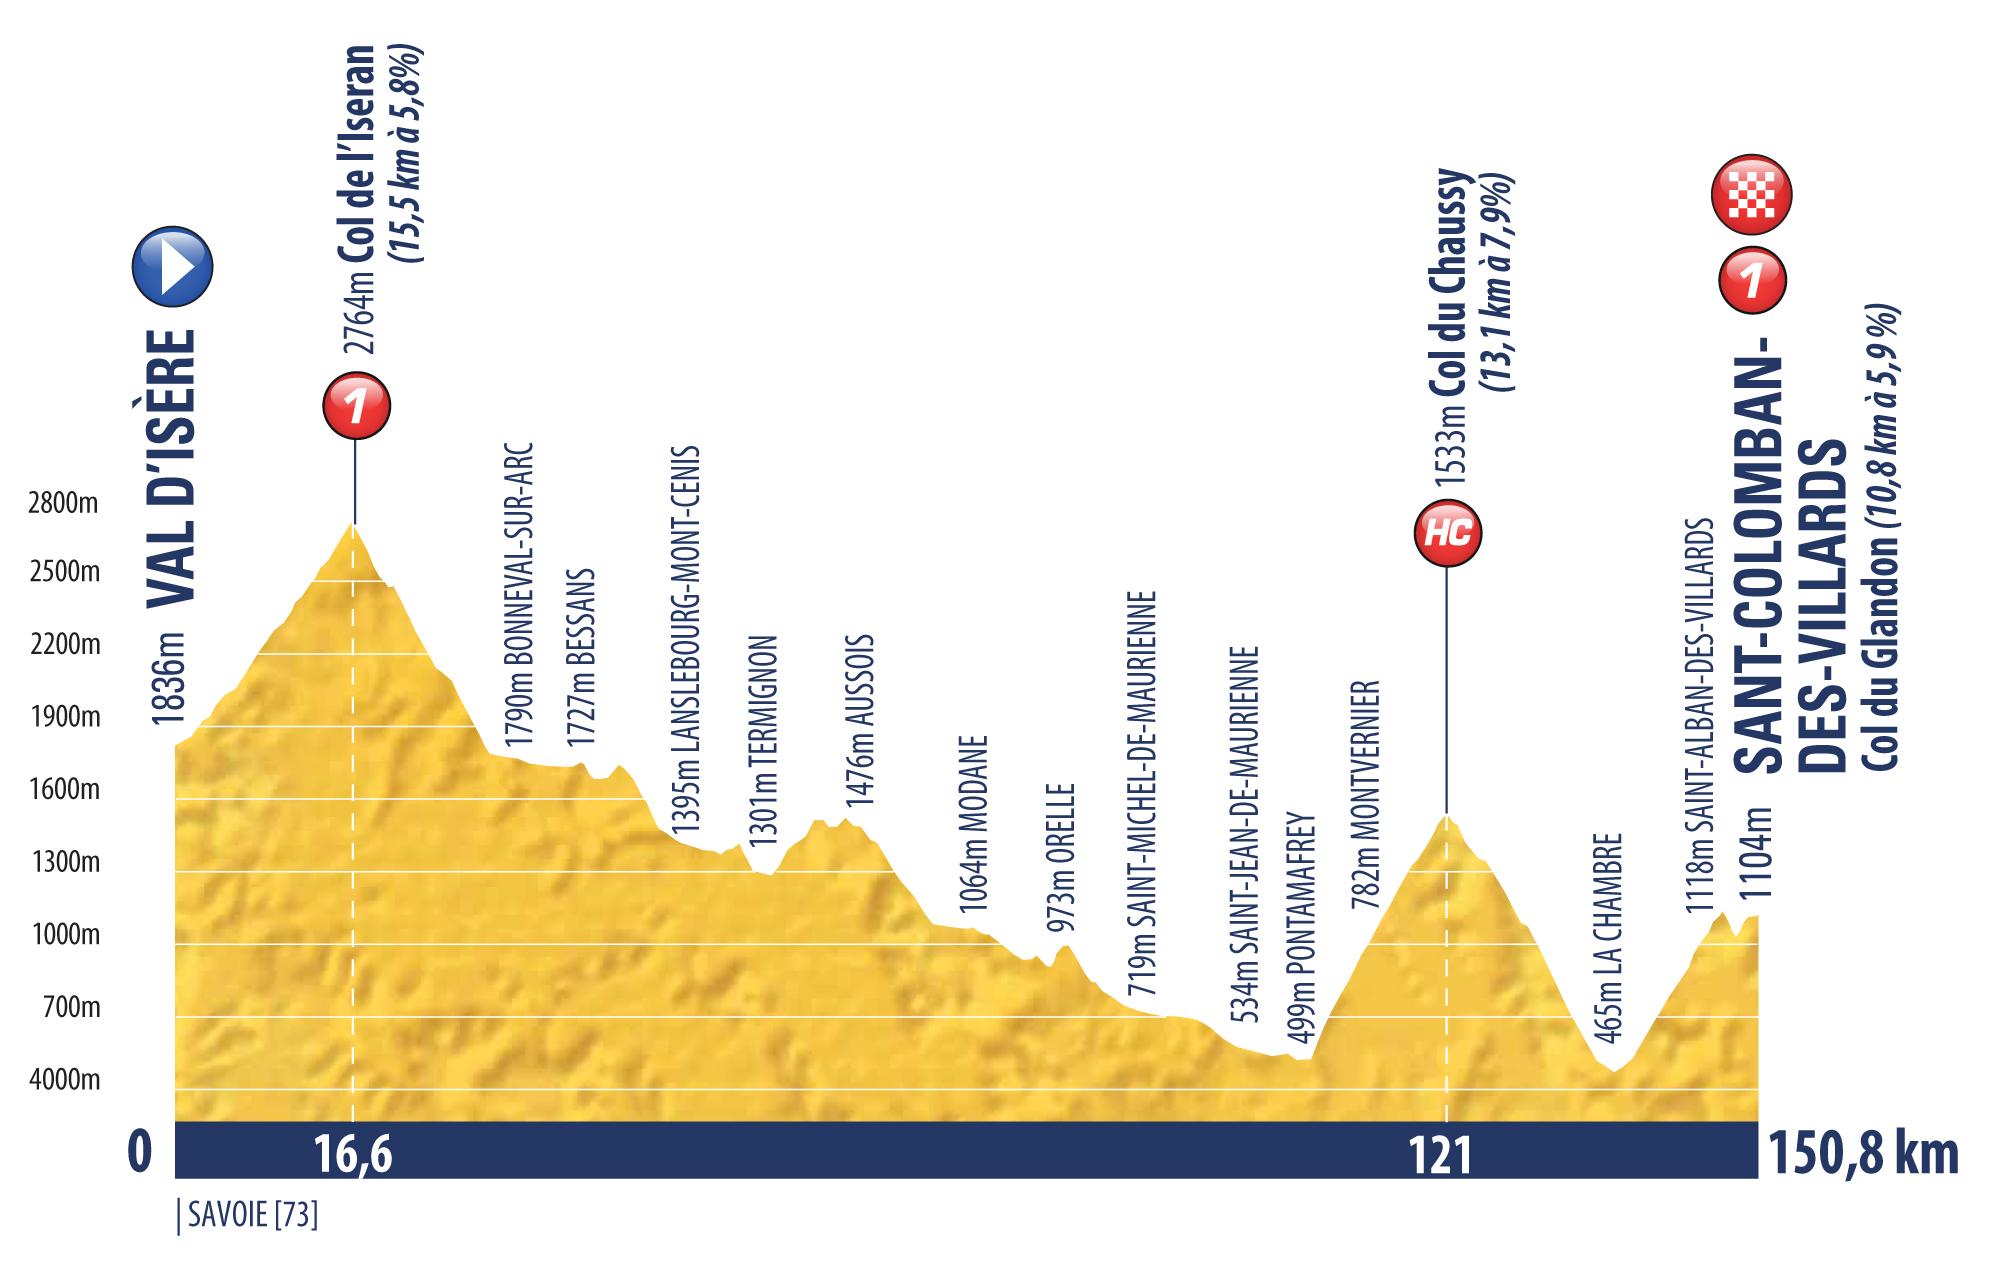 etappe 10 Tour de l'Avenir 2018